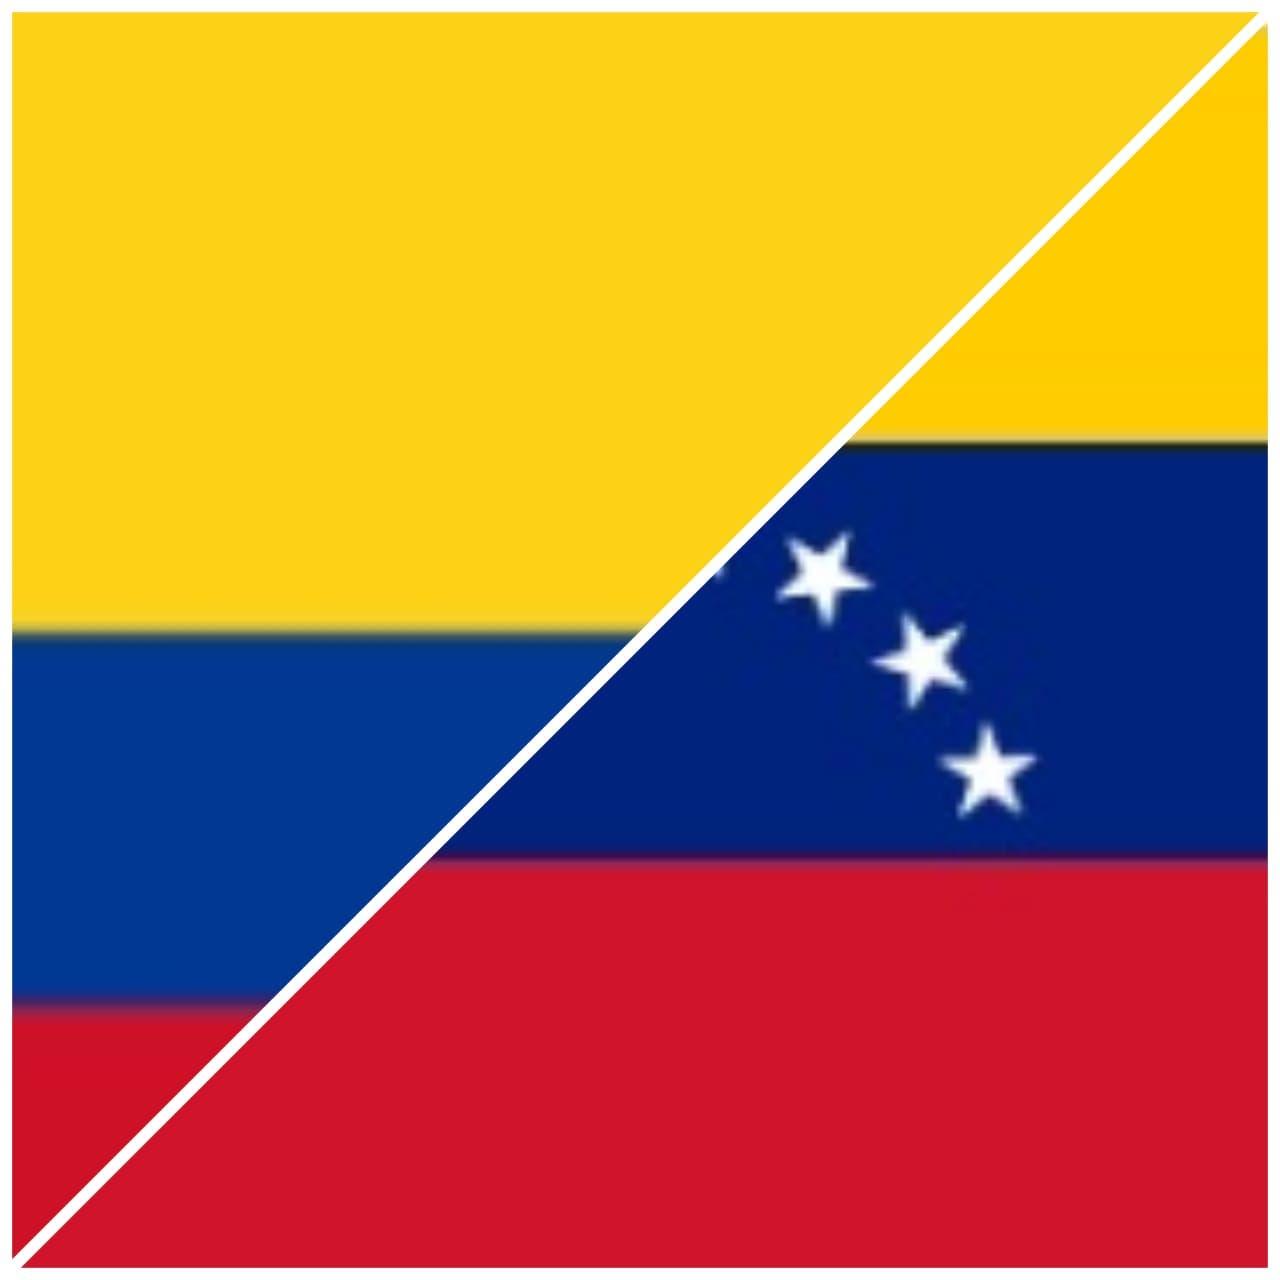 Colombia y Venezuela se acercan para tratar la pandemia de coronavirus